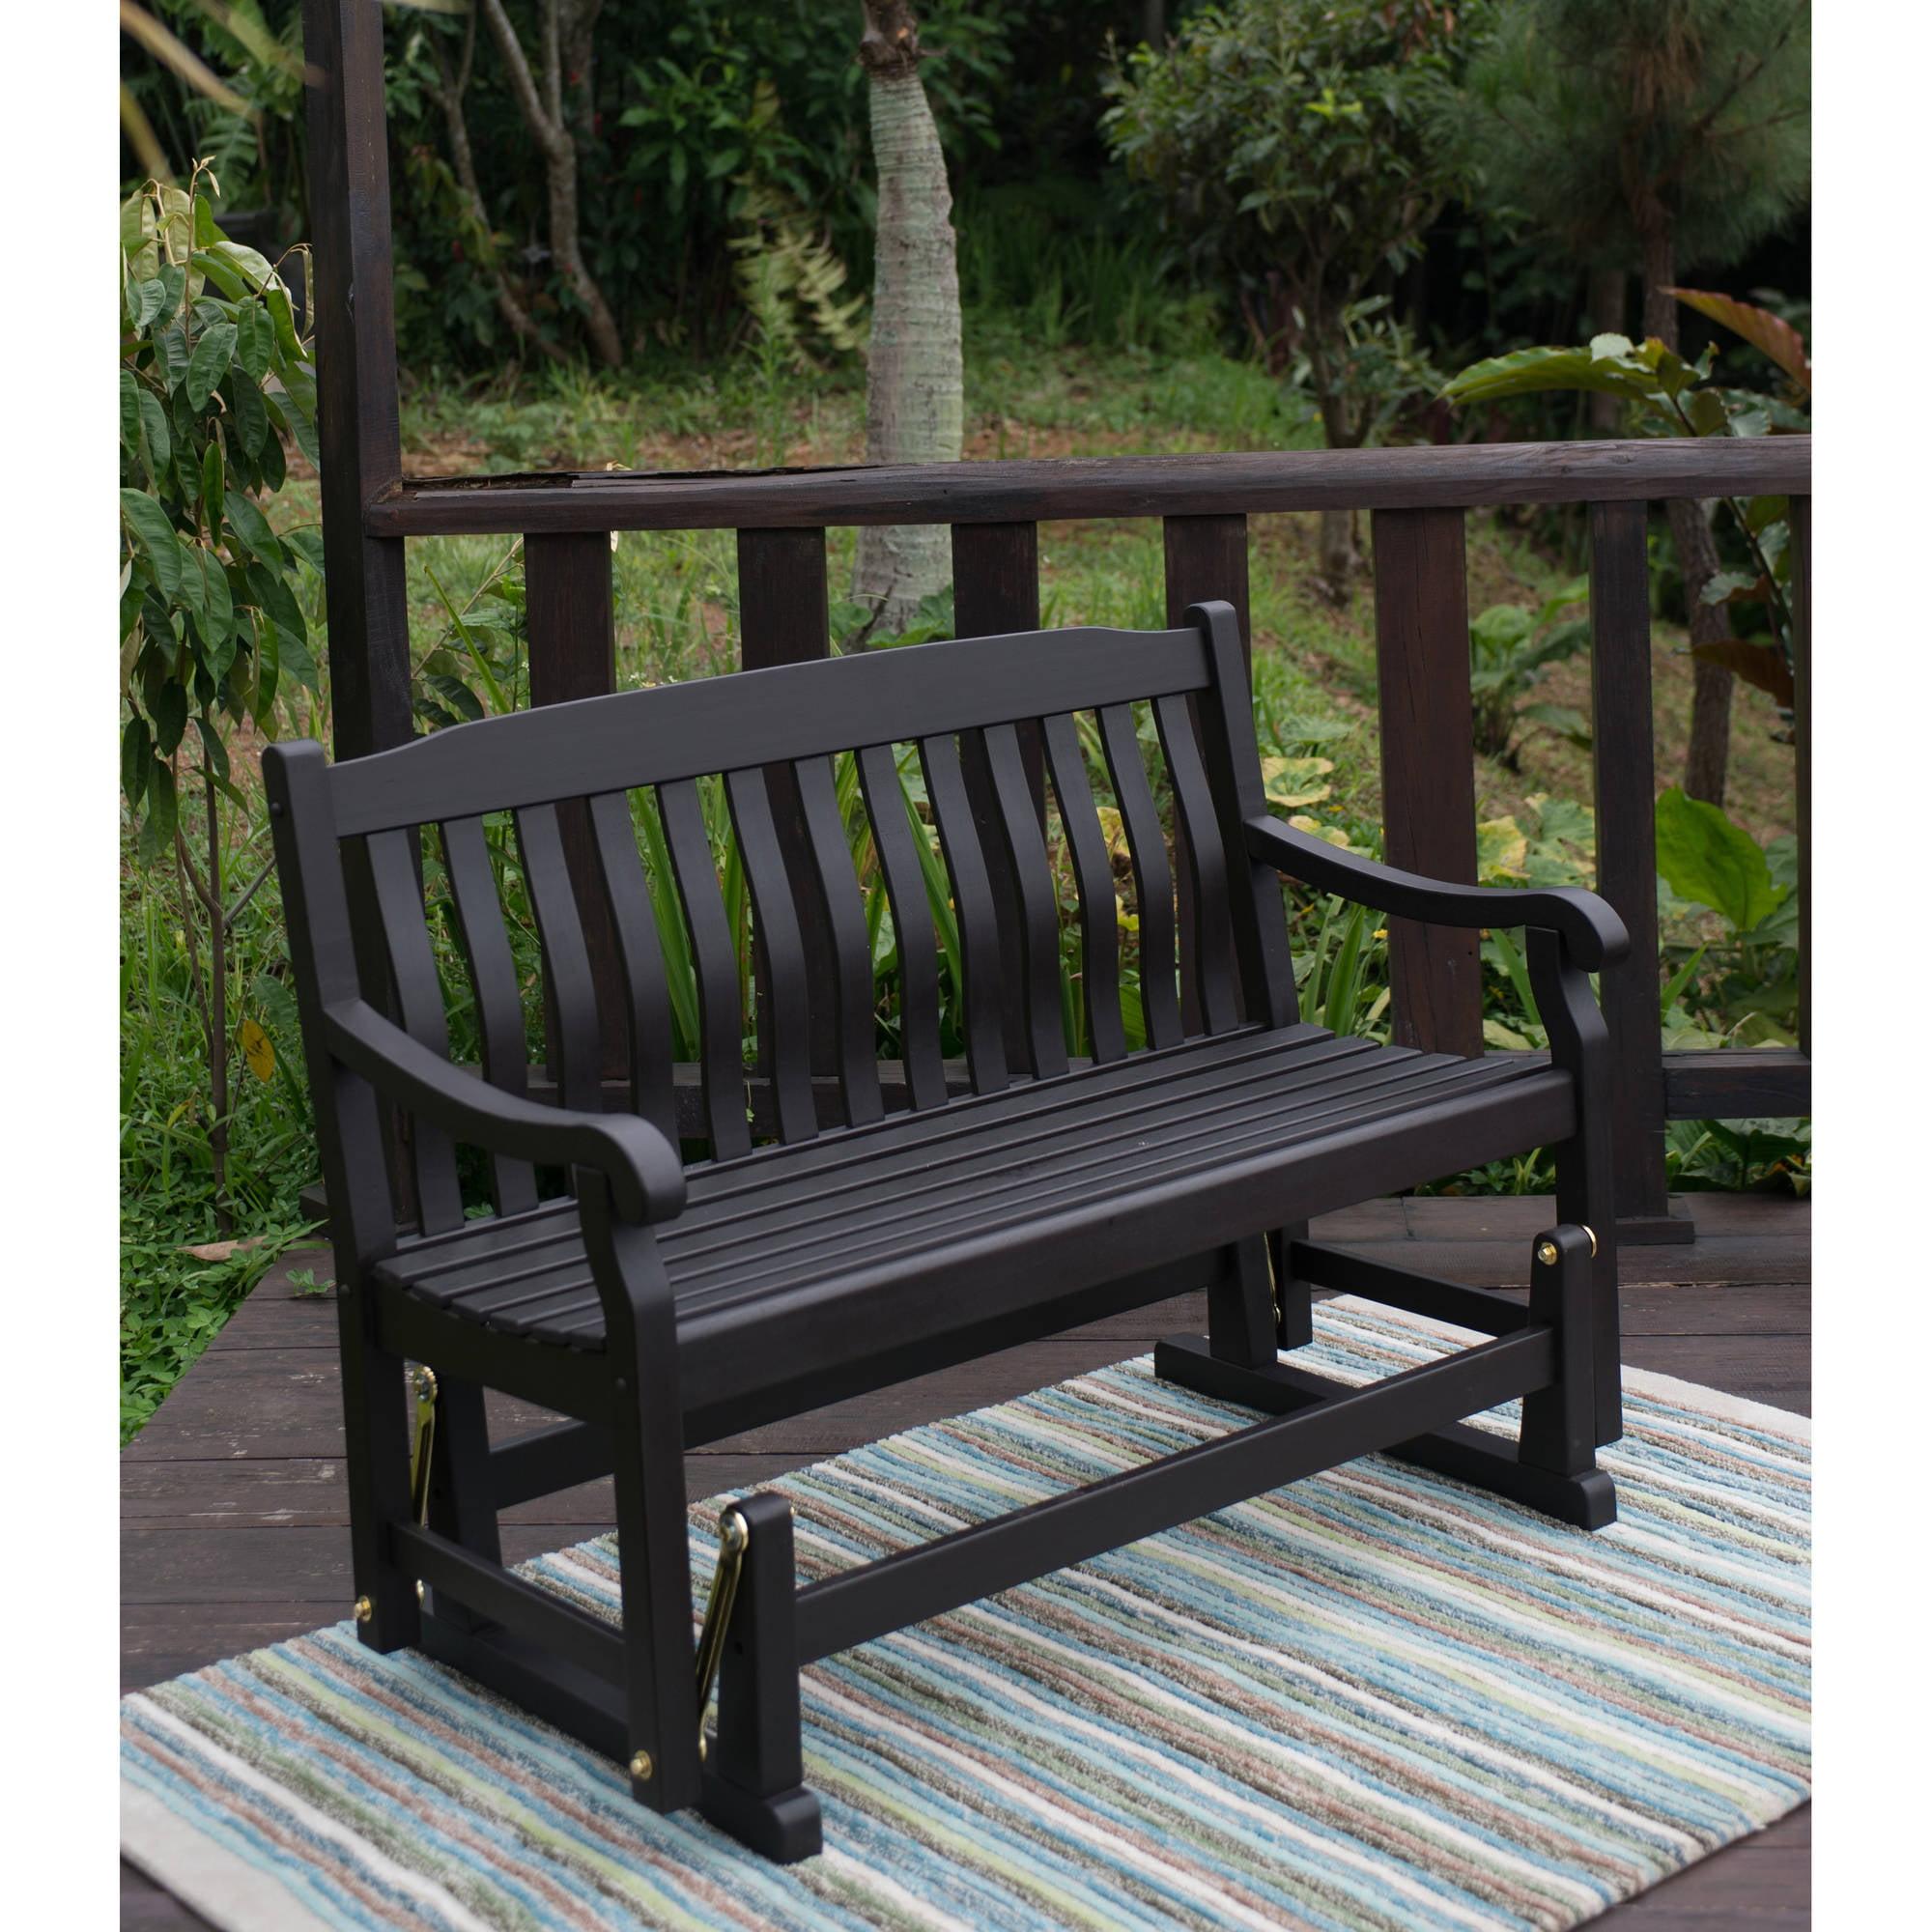 Delahey Outdoor Porch Glider Bench, Dark Brown, Seats 2